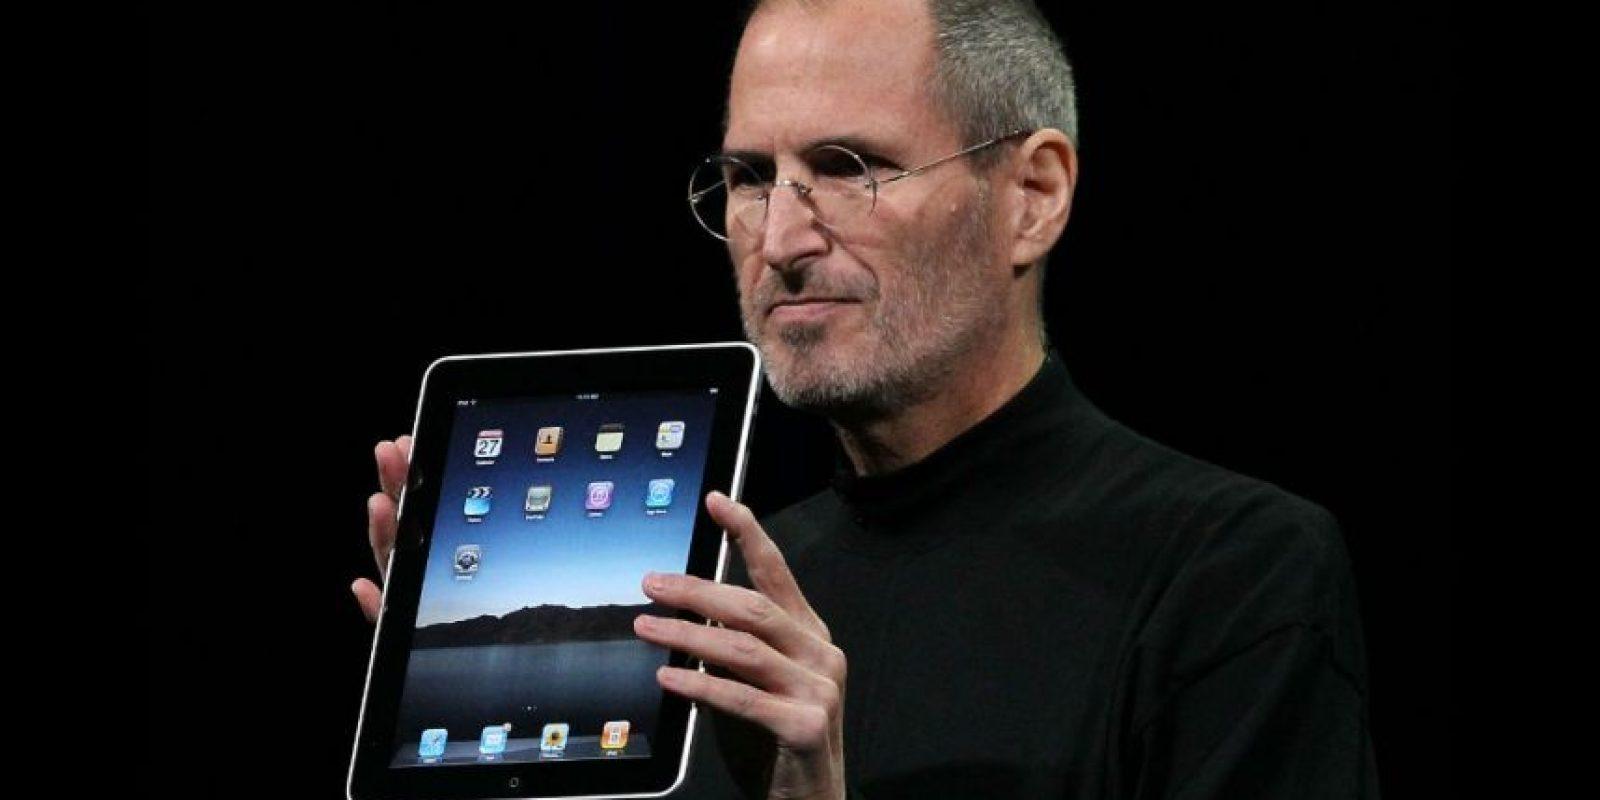 En 2010, Seteve Jobs aclaró los motivos que tenía para rechazar Adobe Flash. Foto:Getty Images